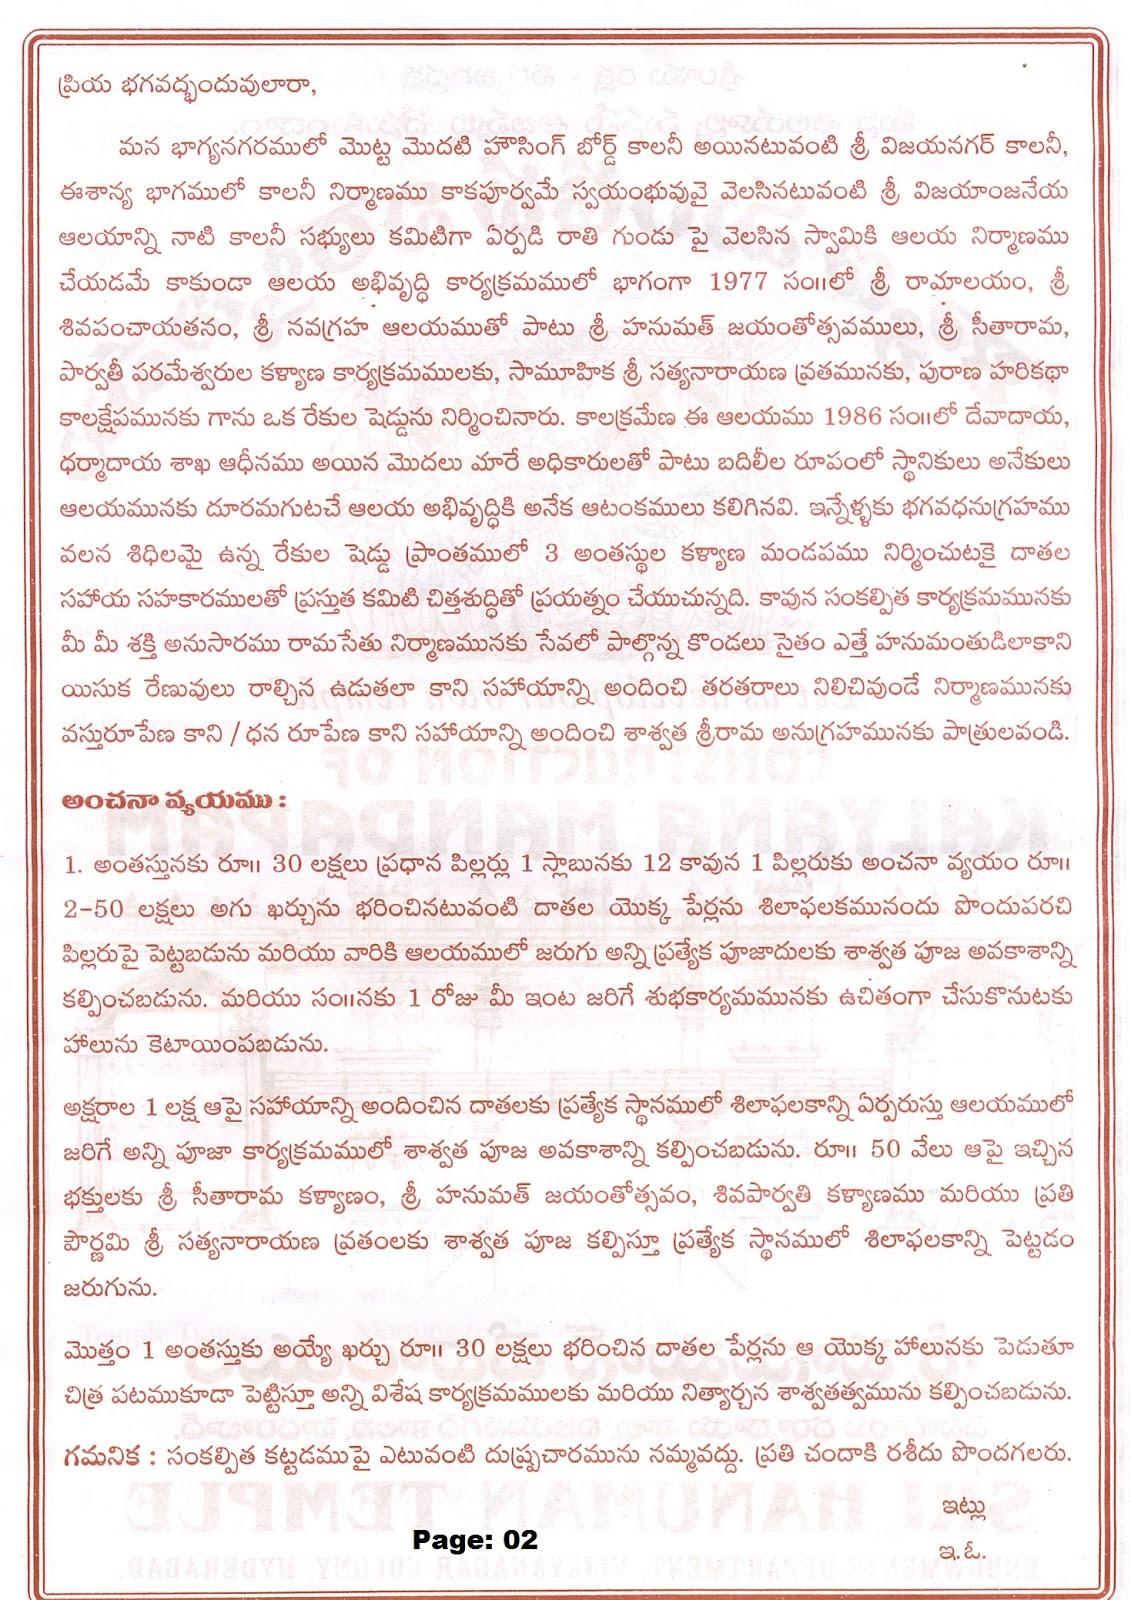 Bhagavad gita slokas in telugu pdf free download free software